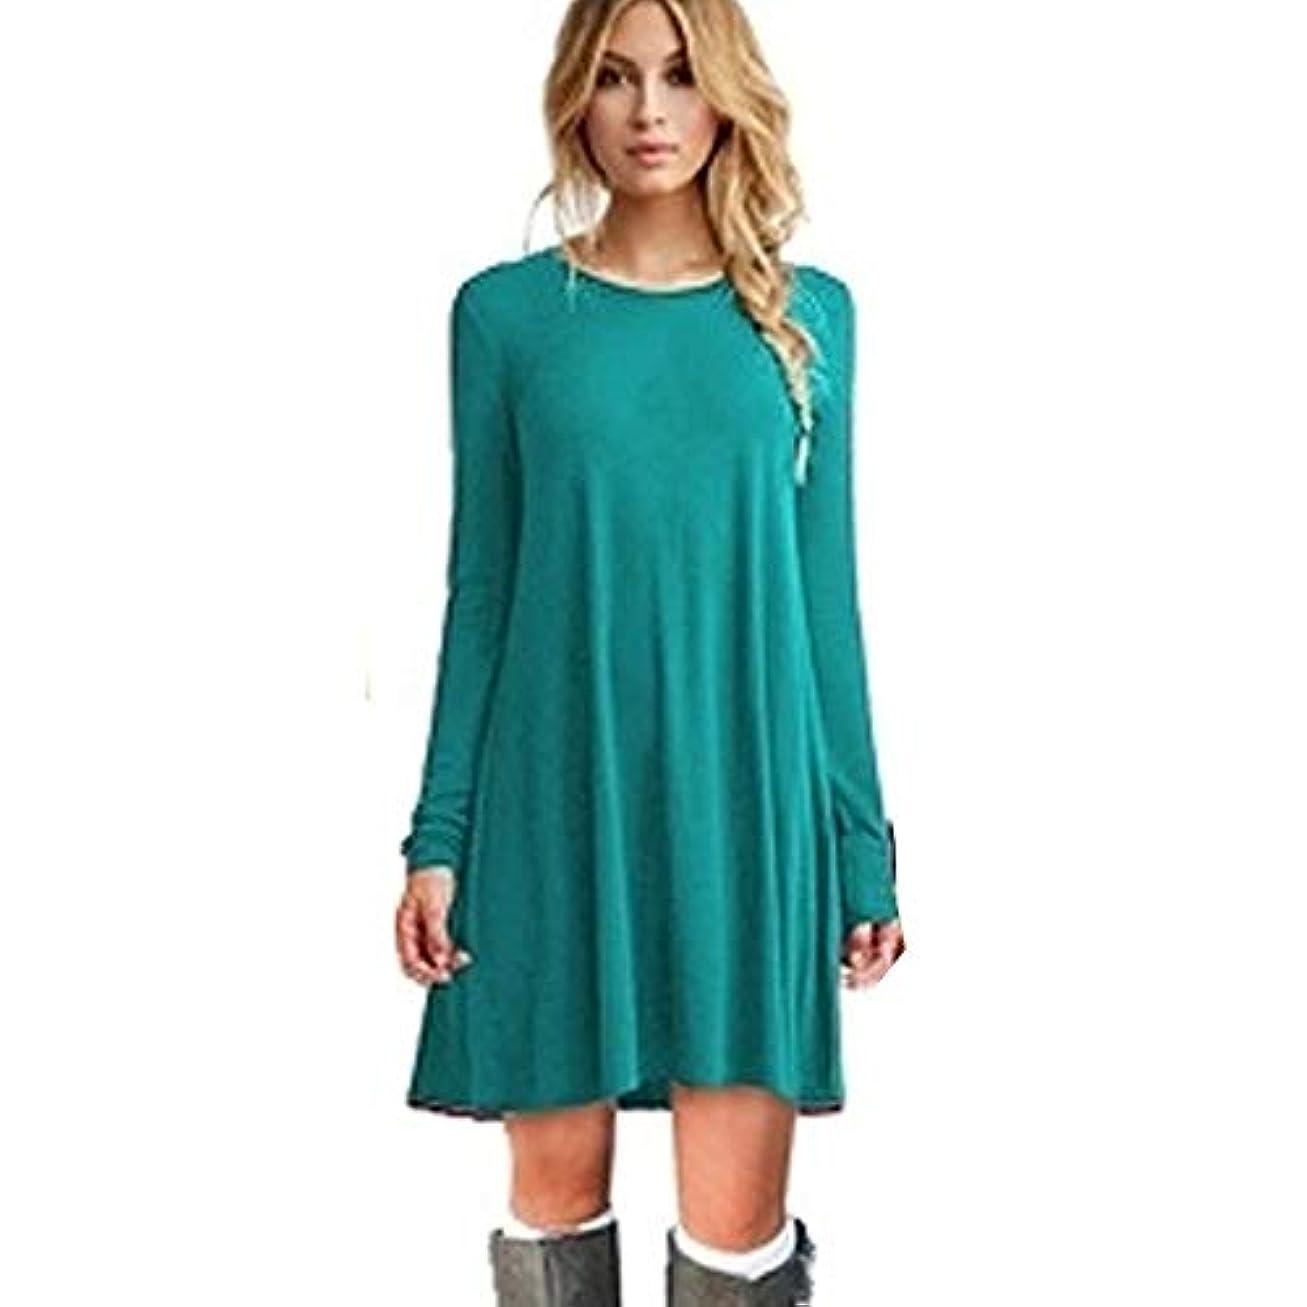 破壊する劇的過激派MIFANルースドレス、プラスサイズのドレス、長袖のドレス、女性のドレス、秋のドレス、マキシドレス、コットンドレス